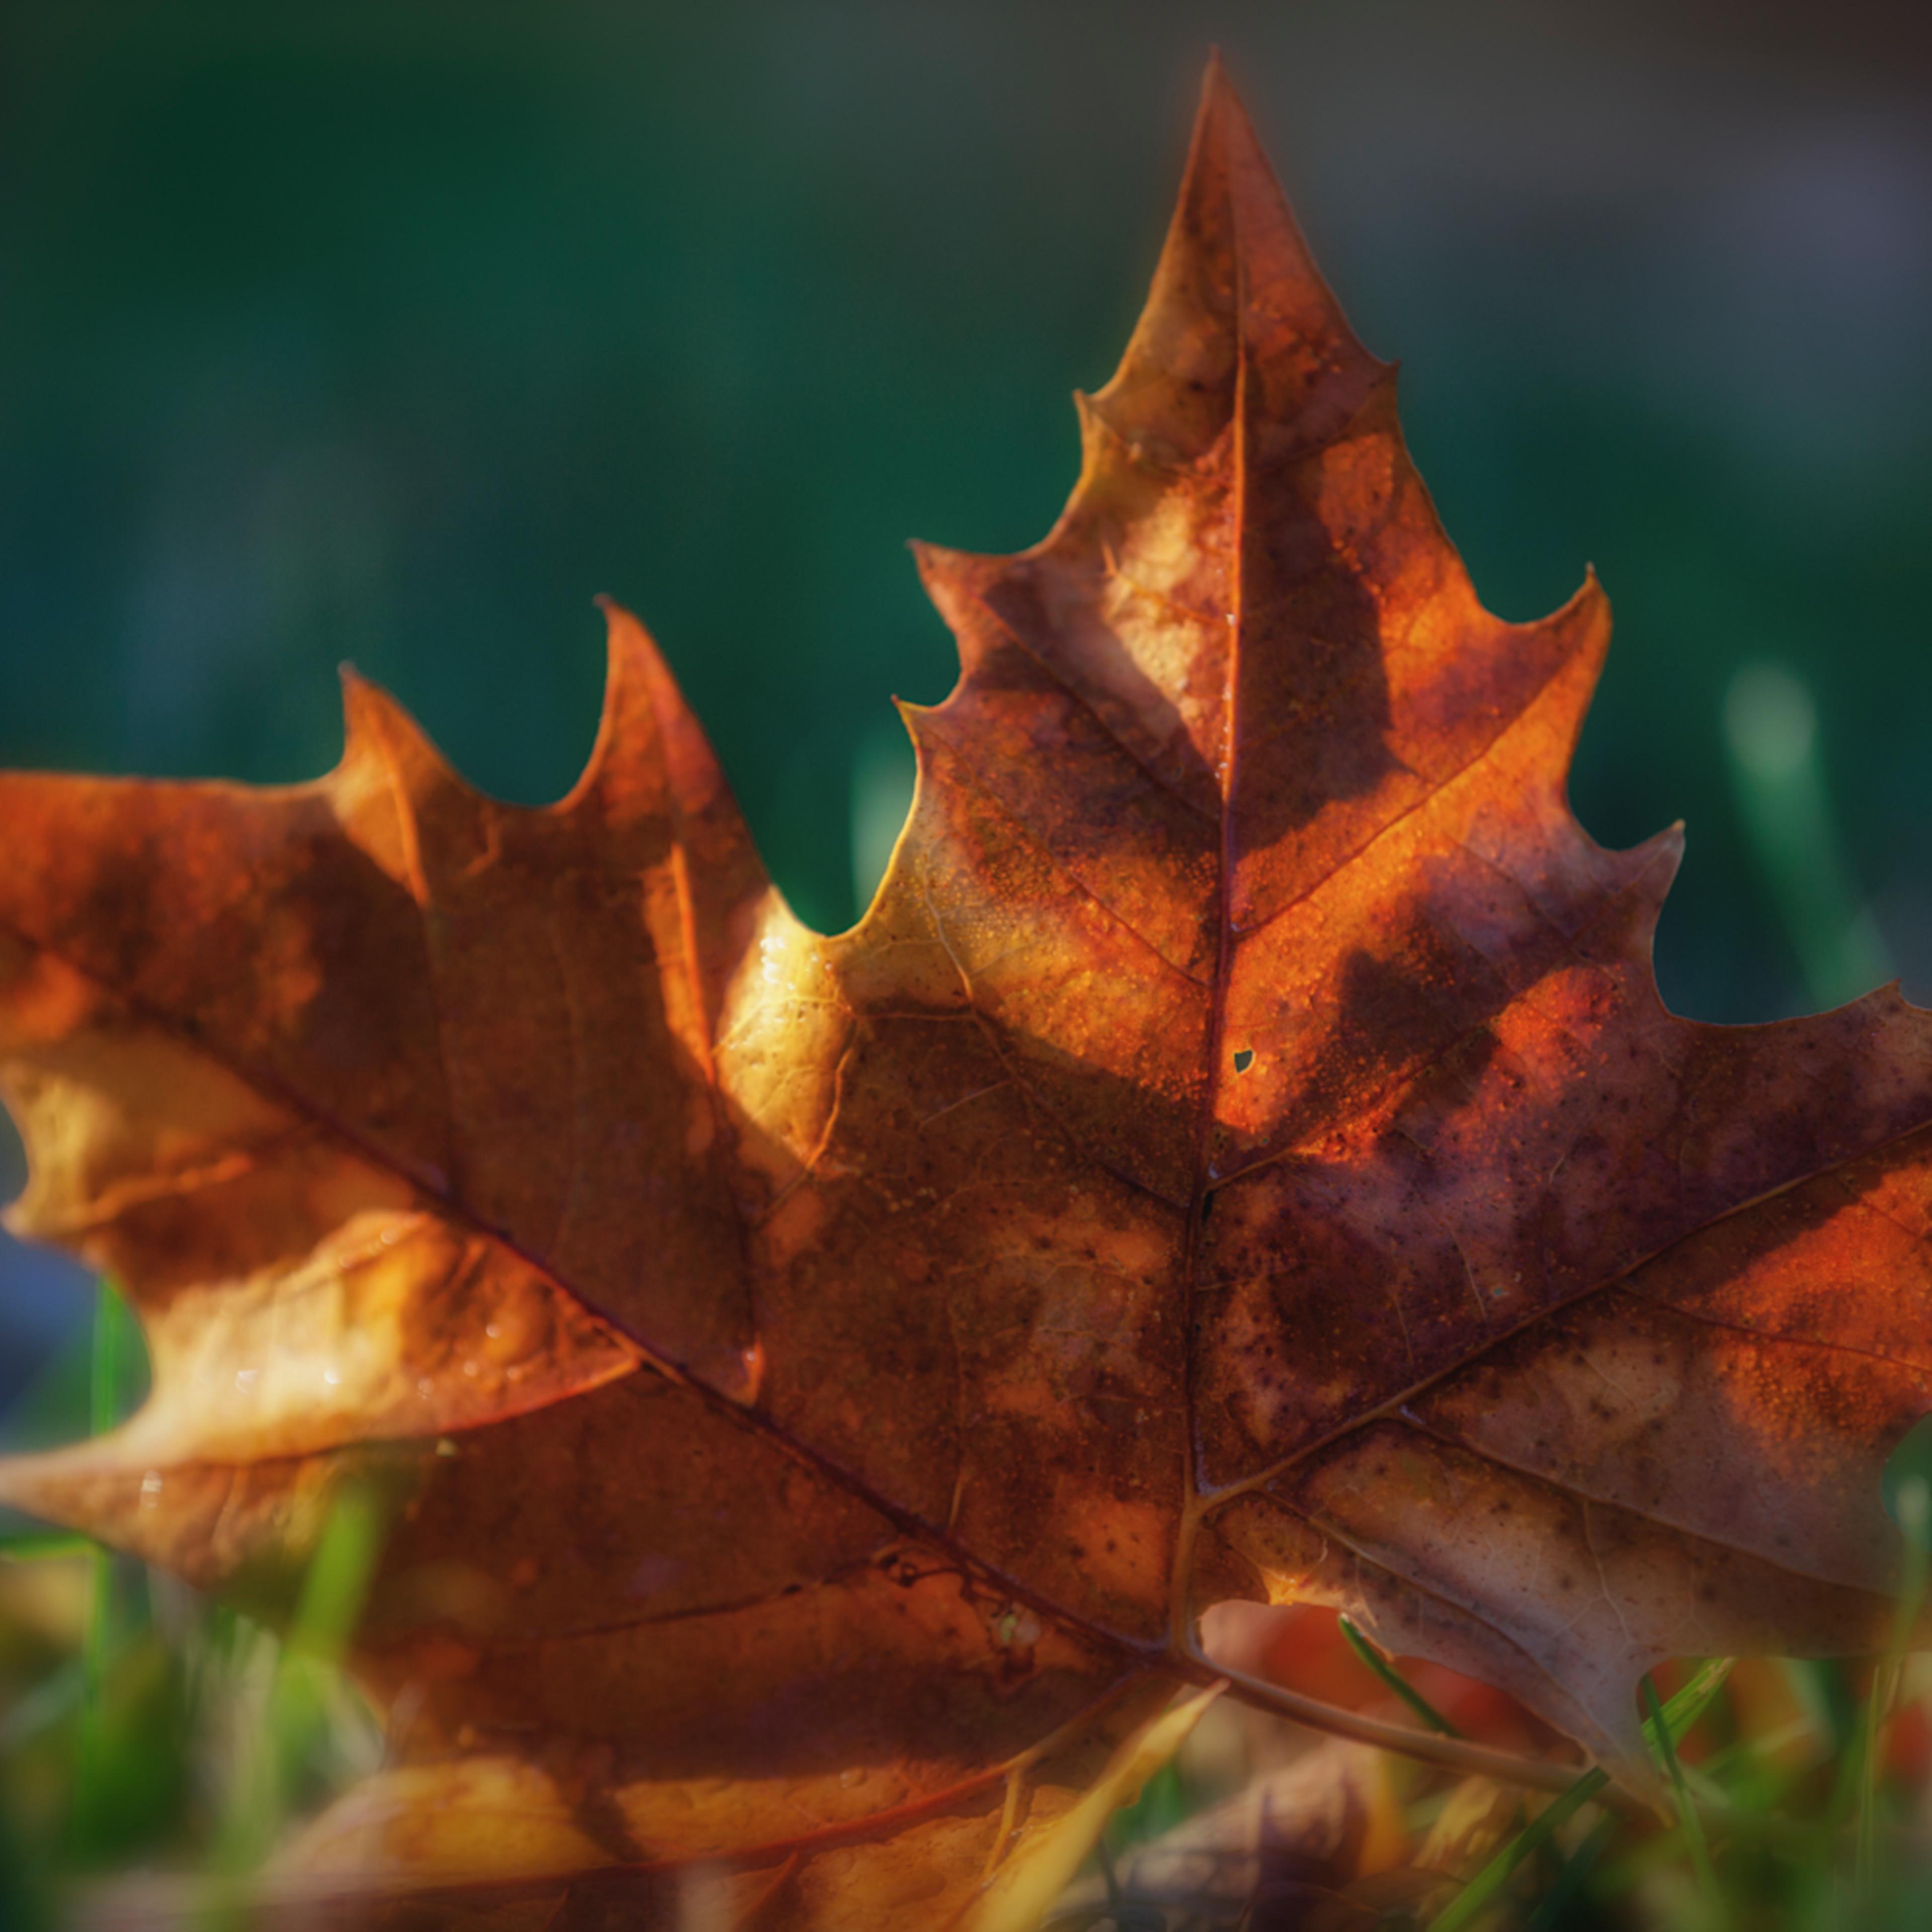 Leaves 2 5 hj3g9u